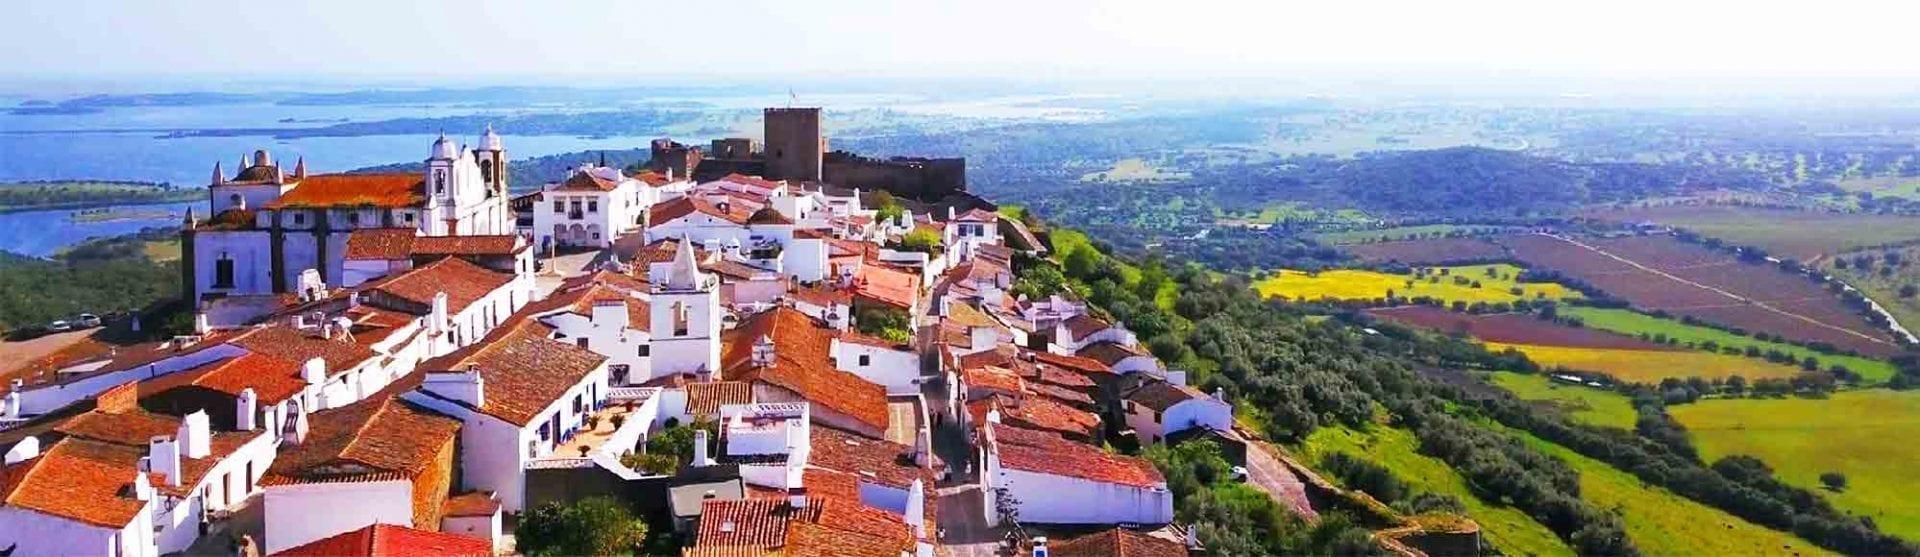 Alentejo uma cápsula do tempo em Portugal